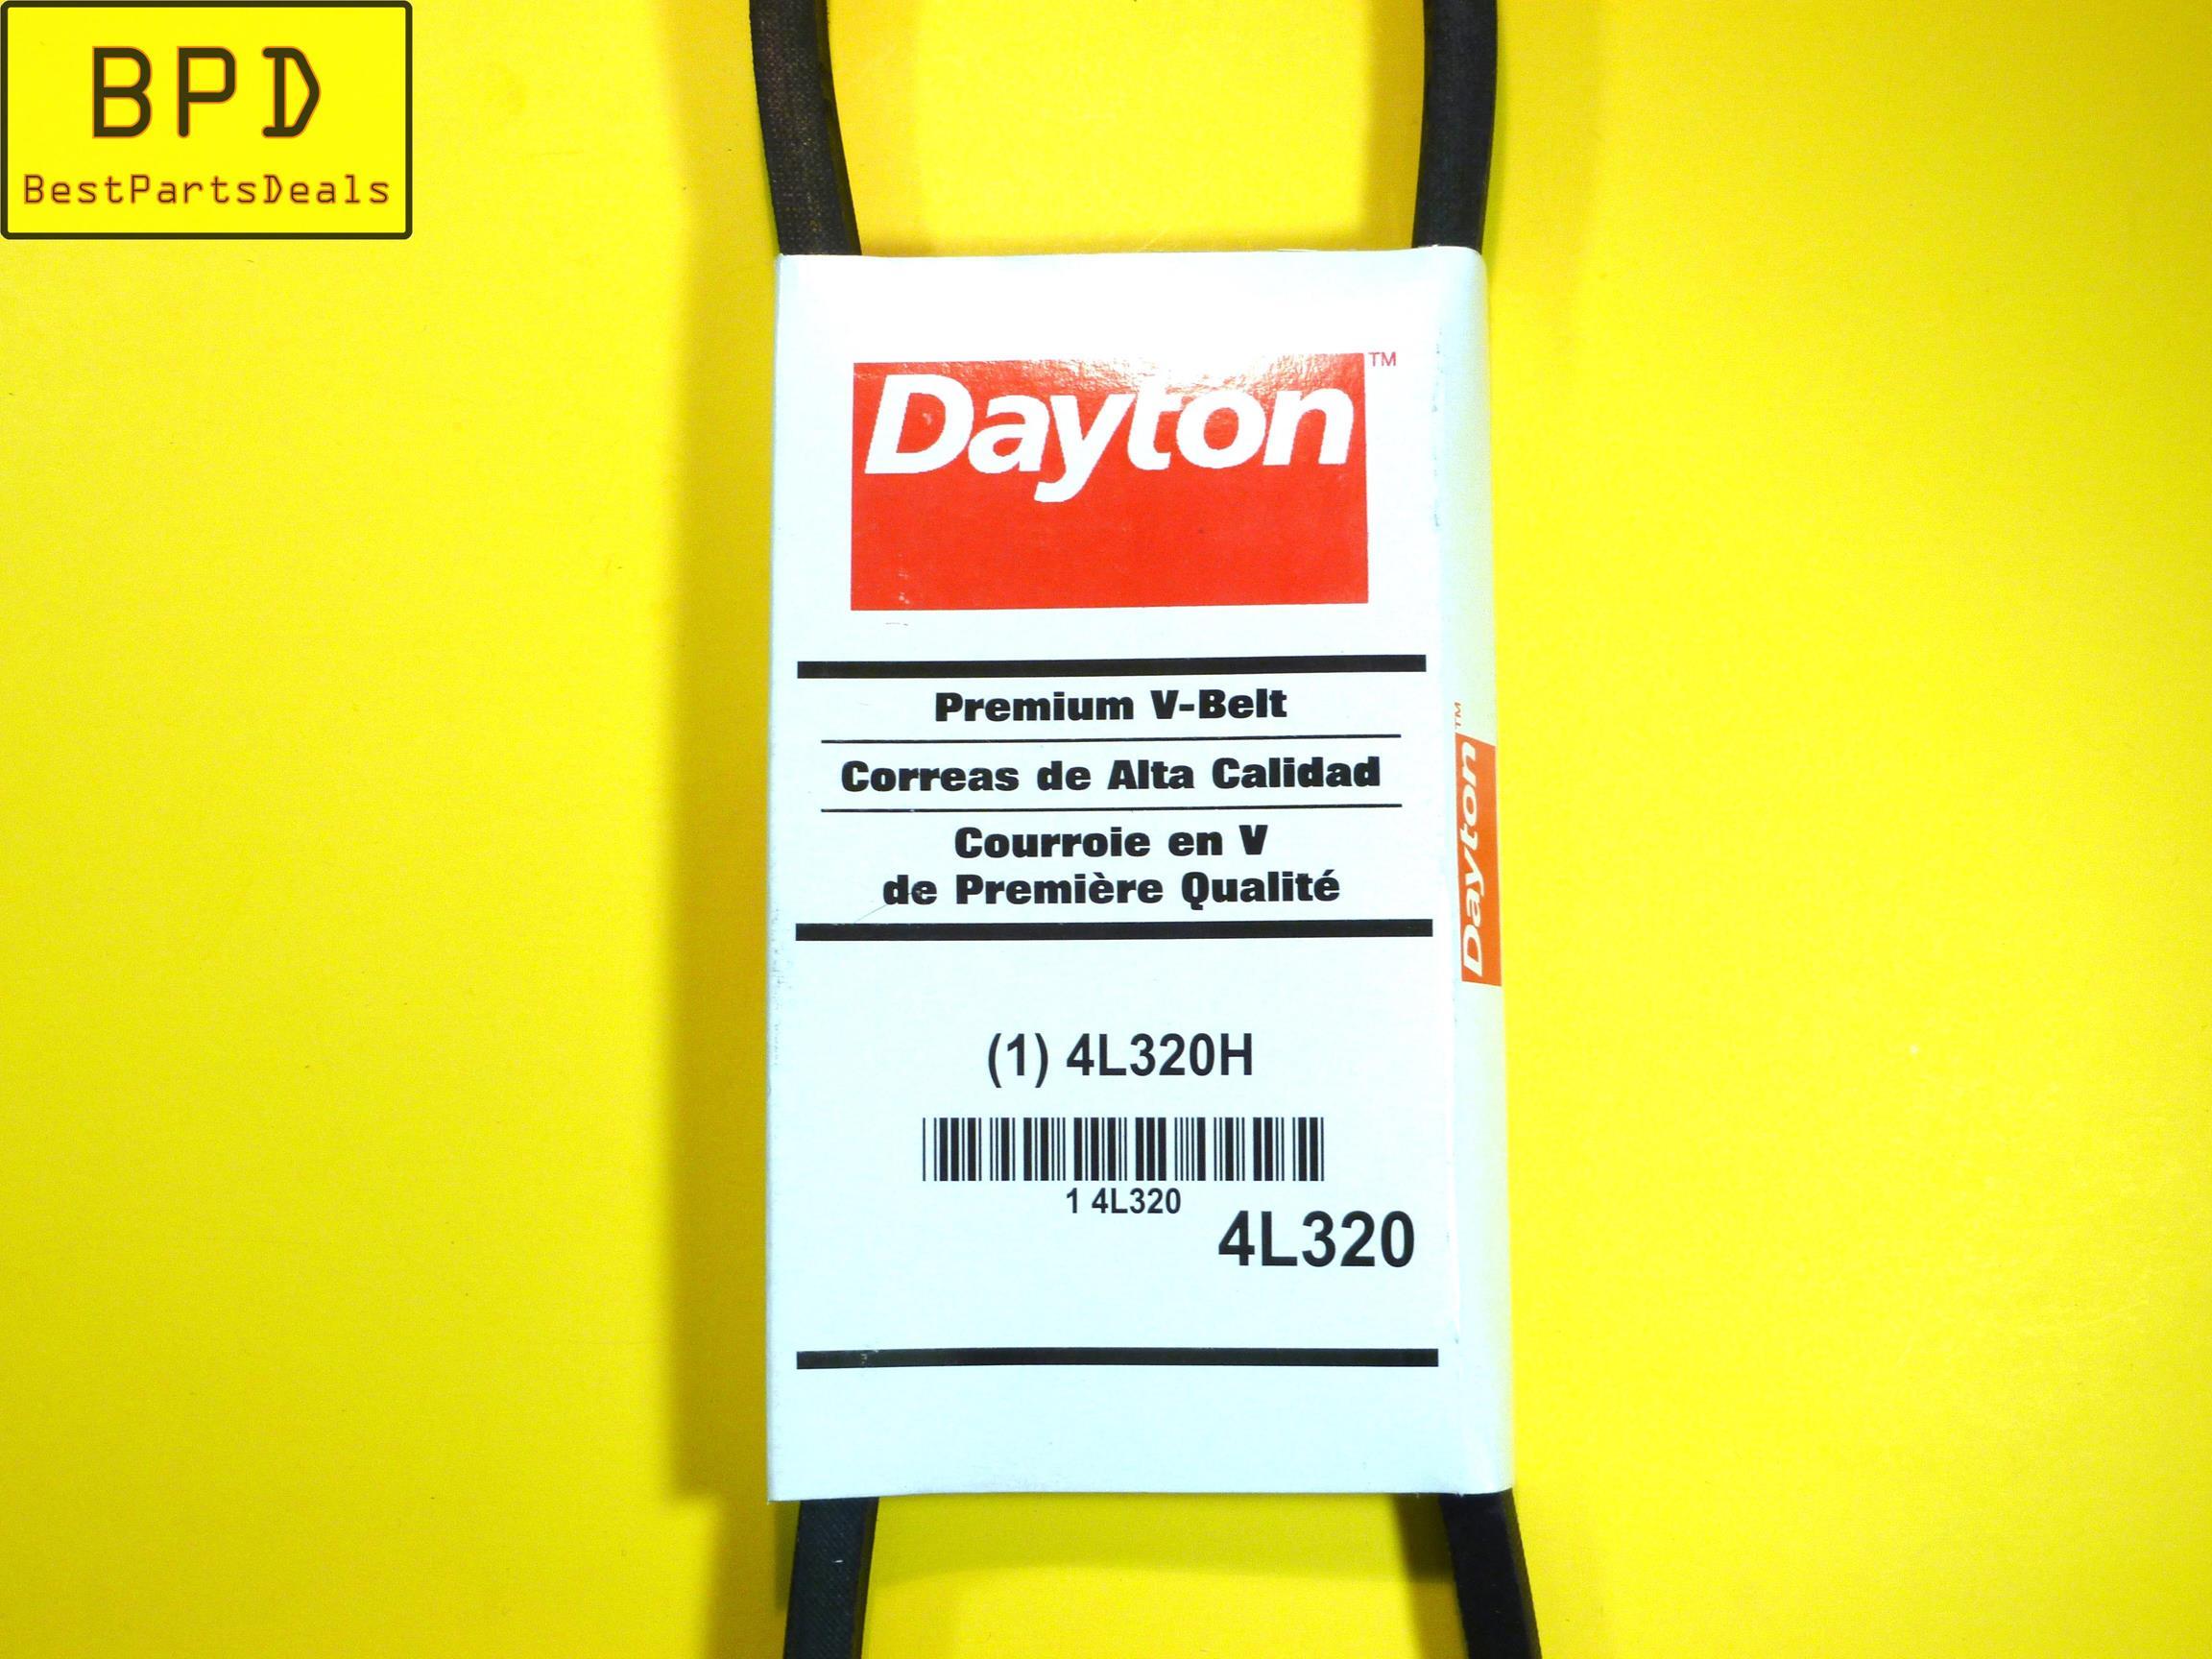 BRAND NEW DAYTON PREMIUM V-BELT 4L320H 4L320